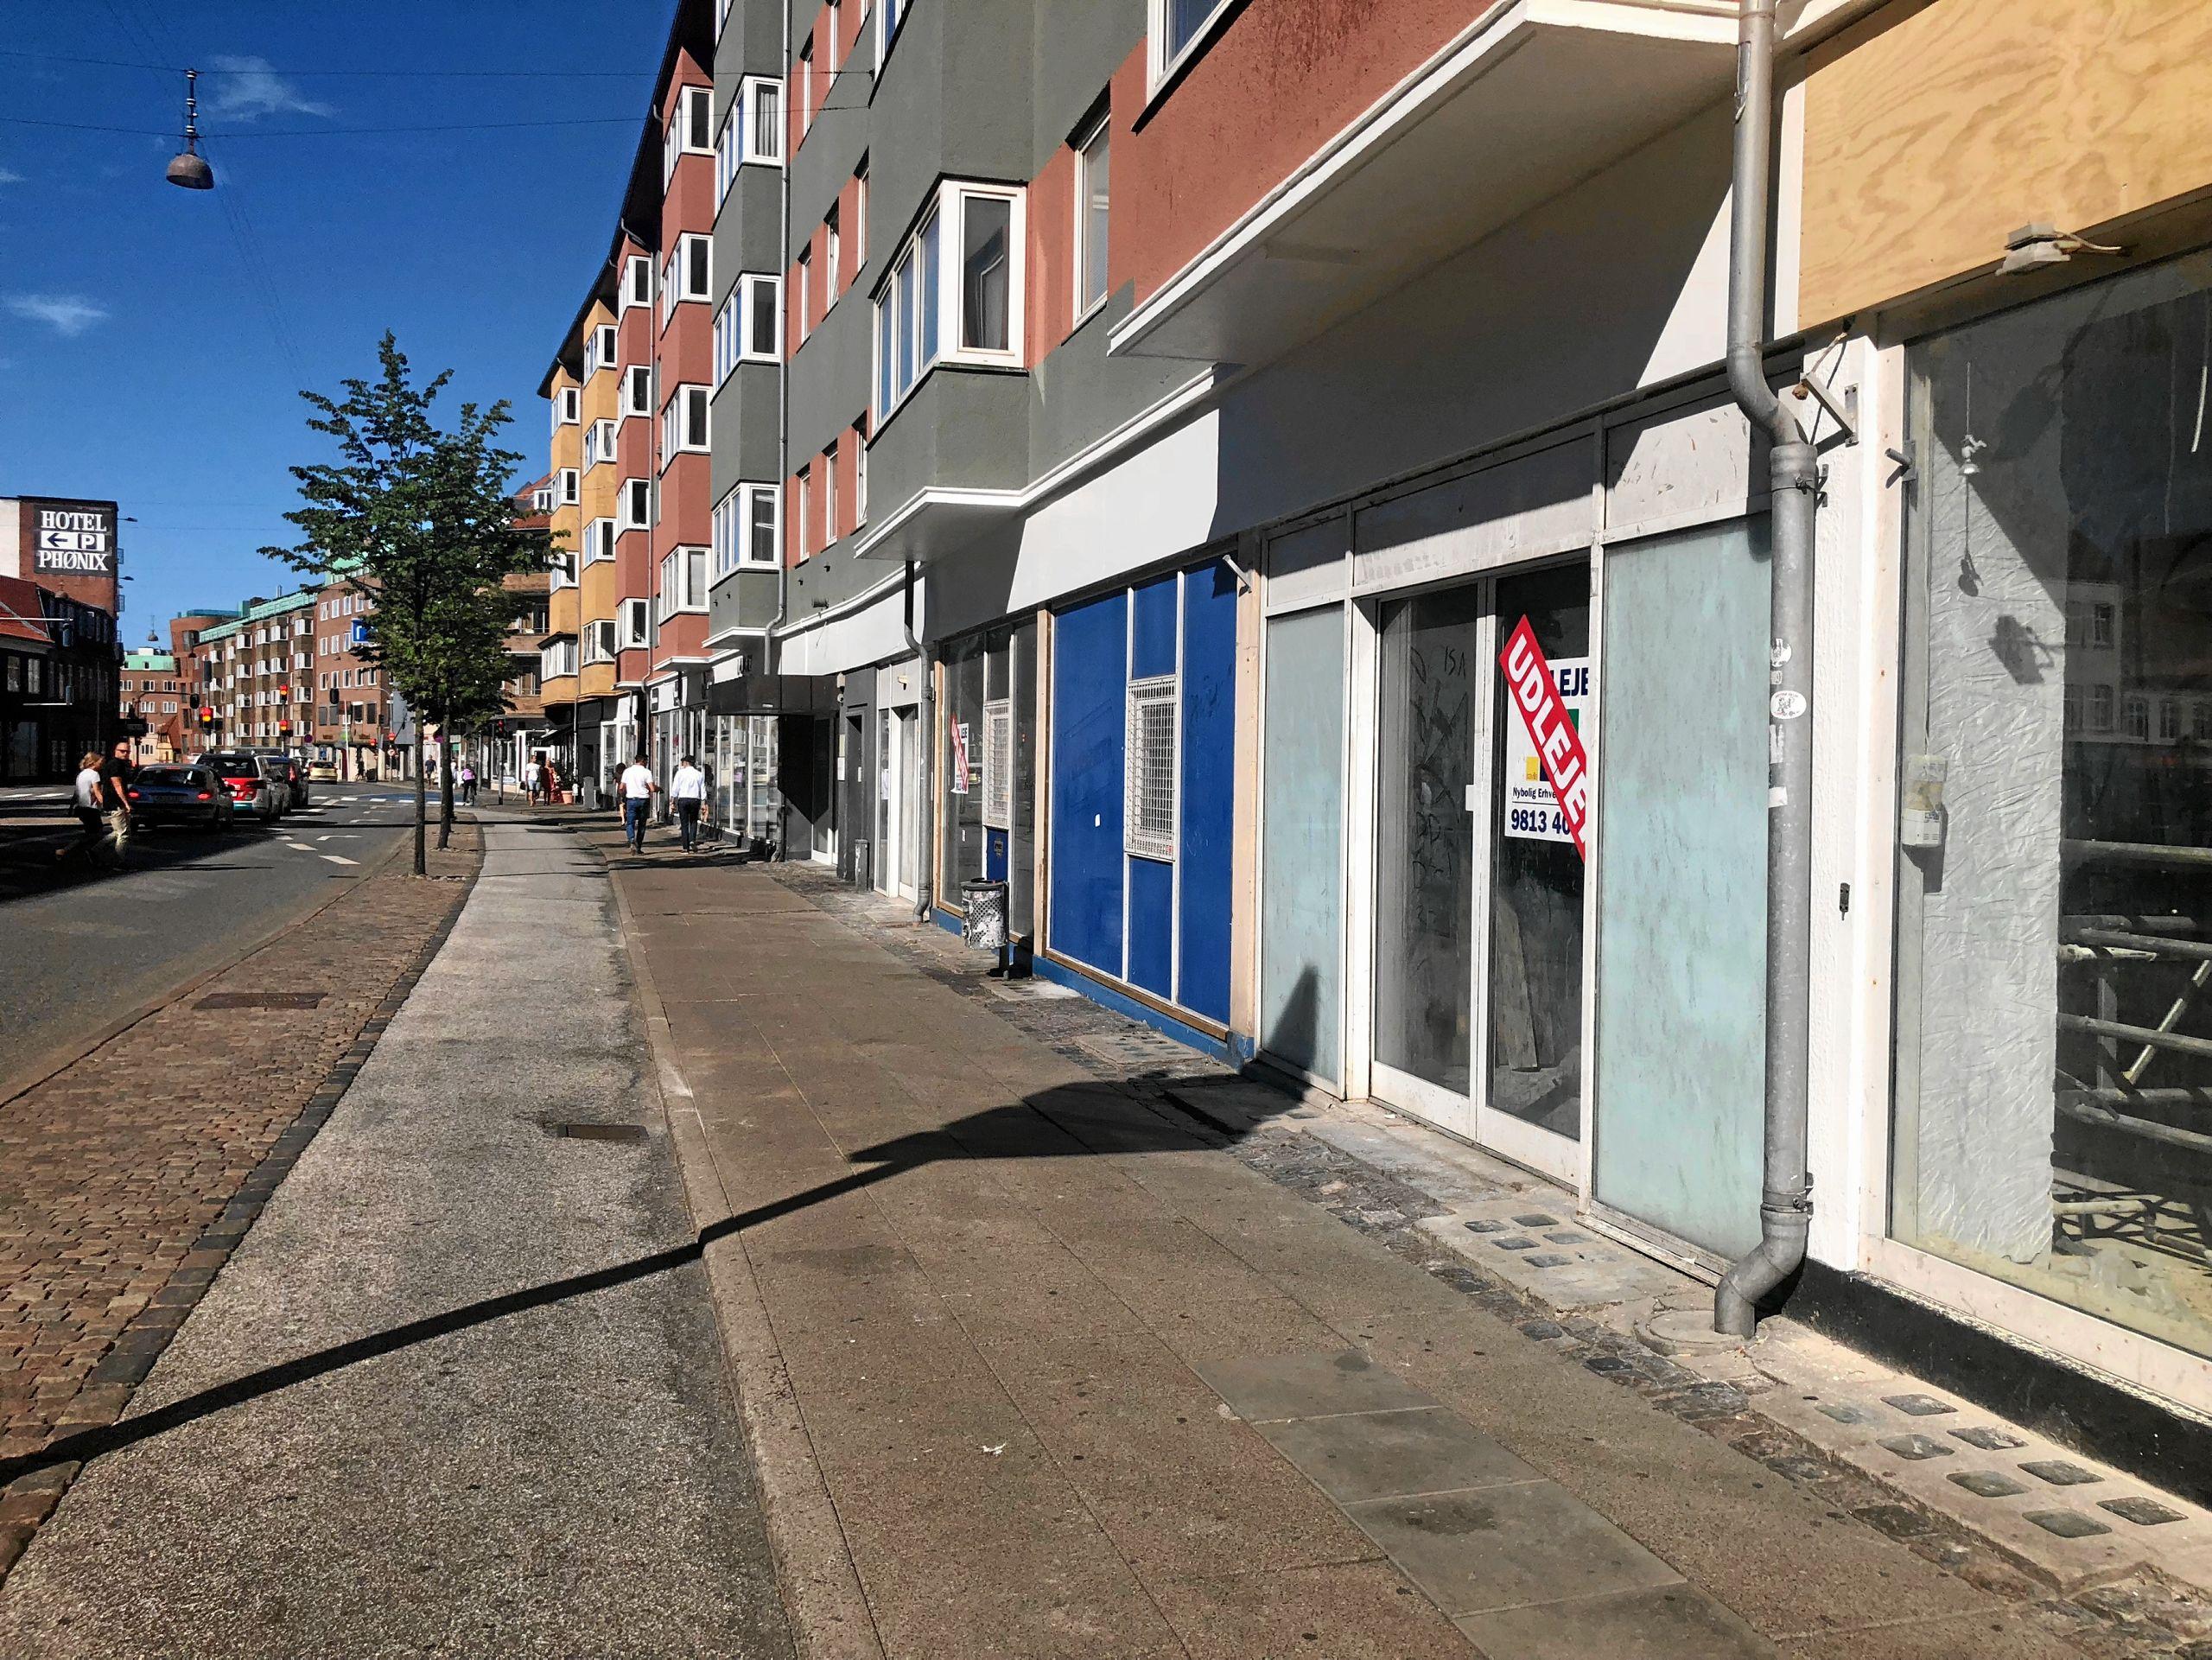 Lokalet på Vesterbro har efterhånden stået tomt i flere år. Privatfoto